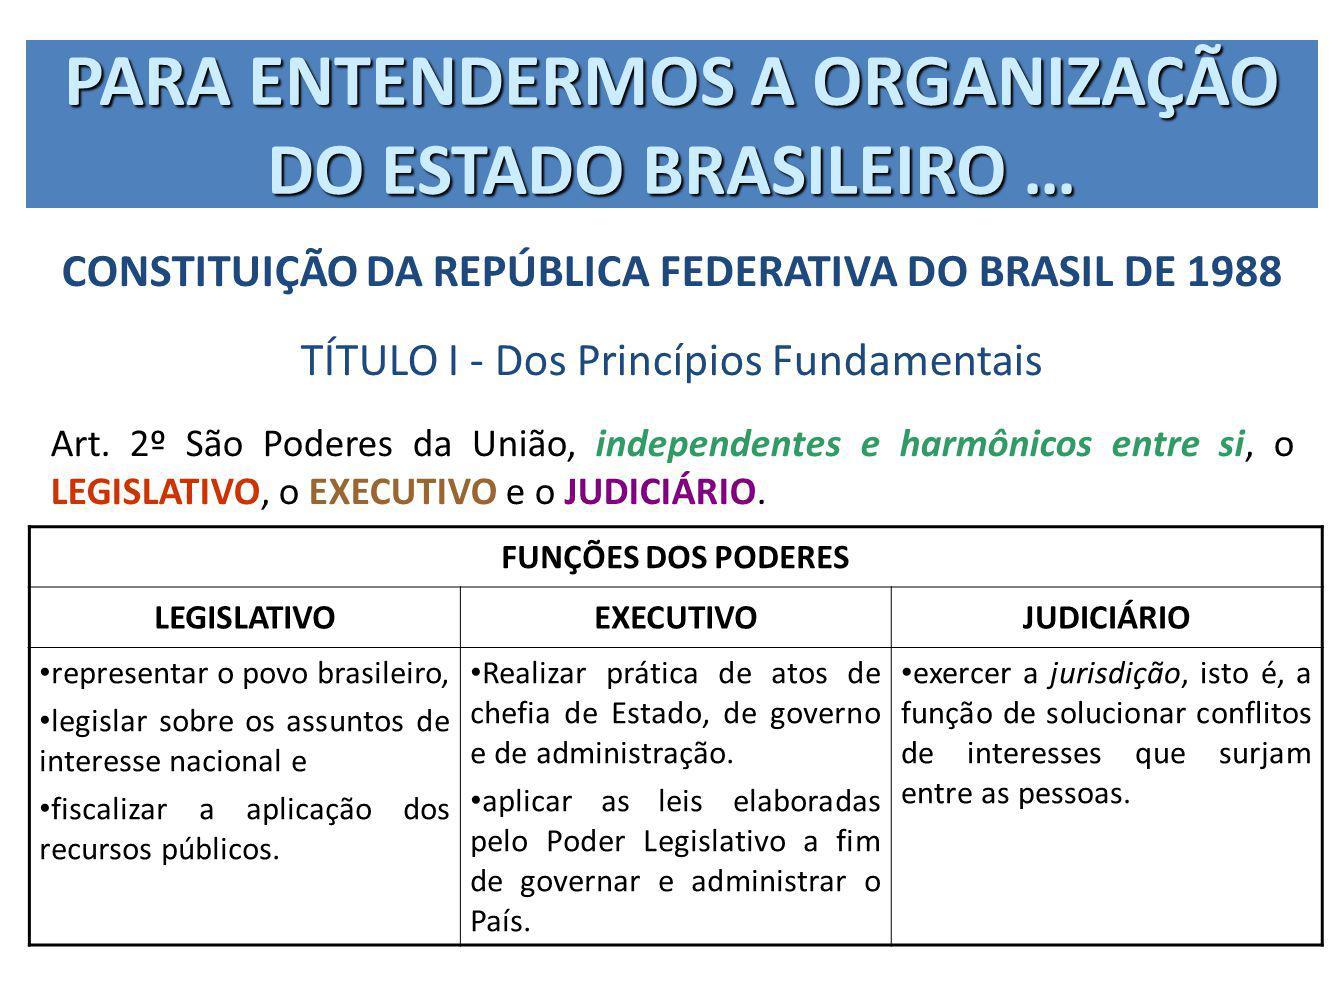 PARA ENTENDERMOS A ORGANIZAÇÃO DO ESTADO BRASILEIRO … CONSTITUIÇÃO DA REPÚBLICA FEDERATIVA DO BRASIL DE 1988 TÍTULO I - Dos Princípios Fundamentais Ar